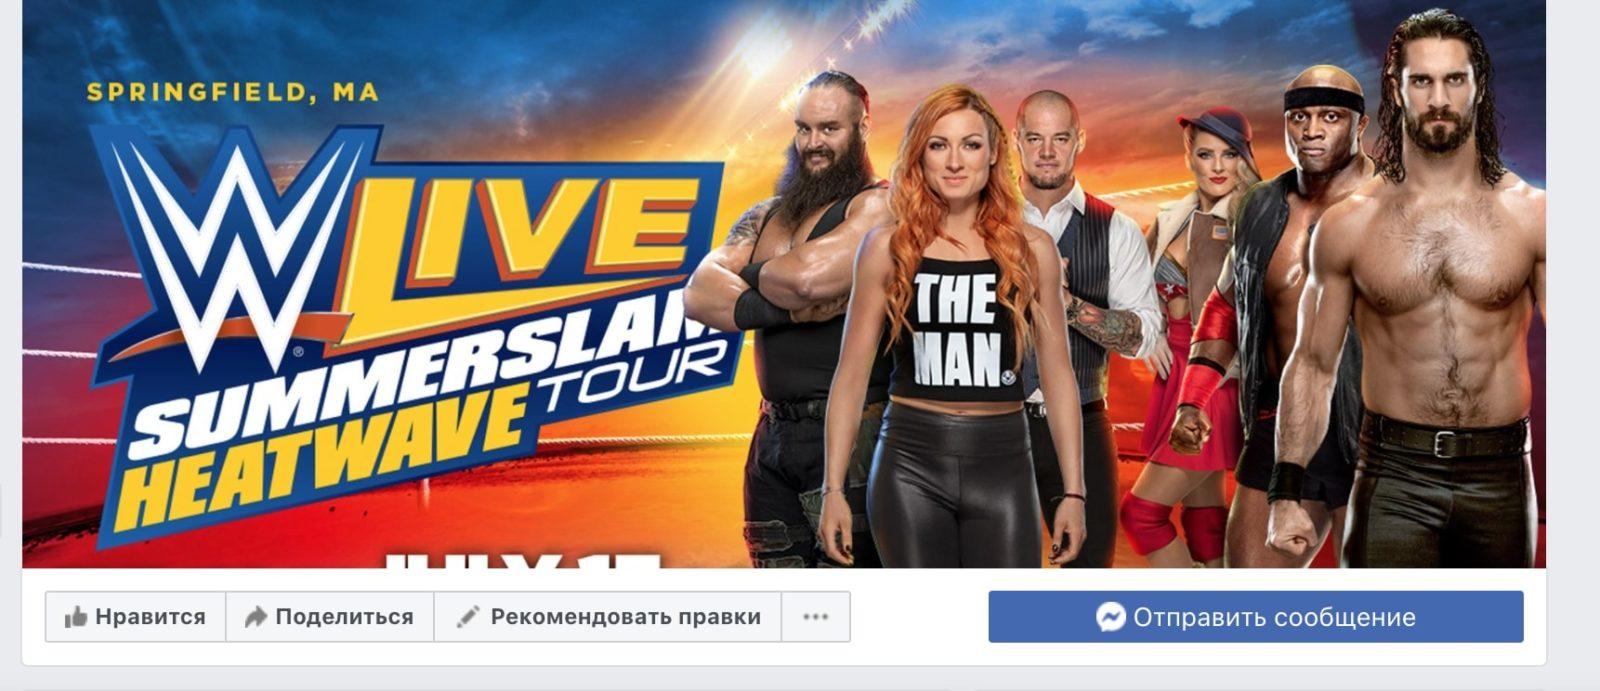 Официальный фейсбук  Tv-wwe.ru (тв вве)